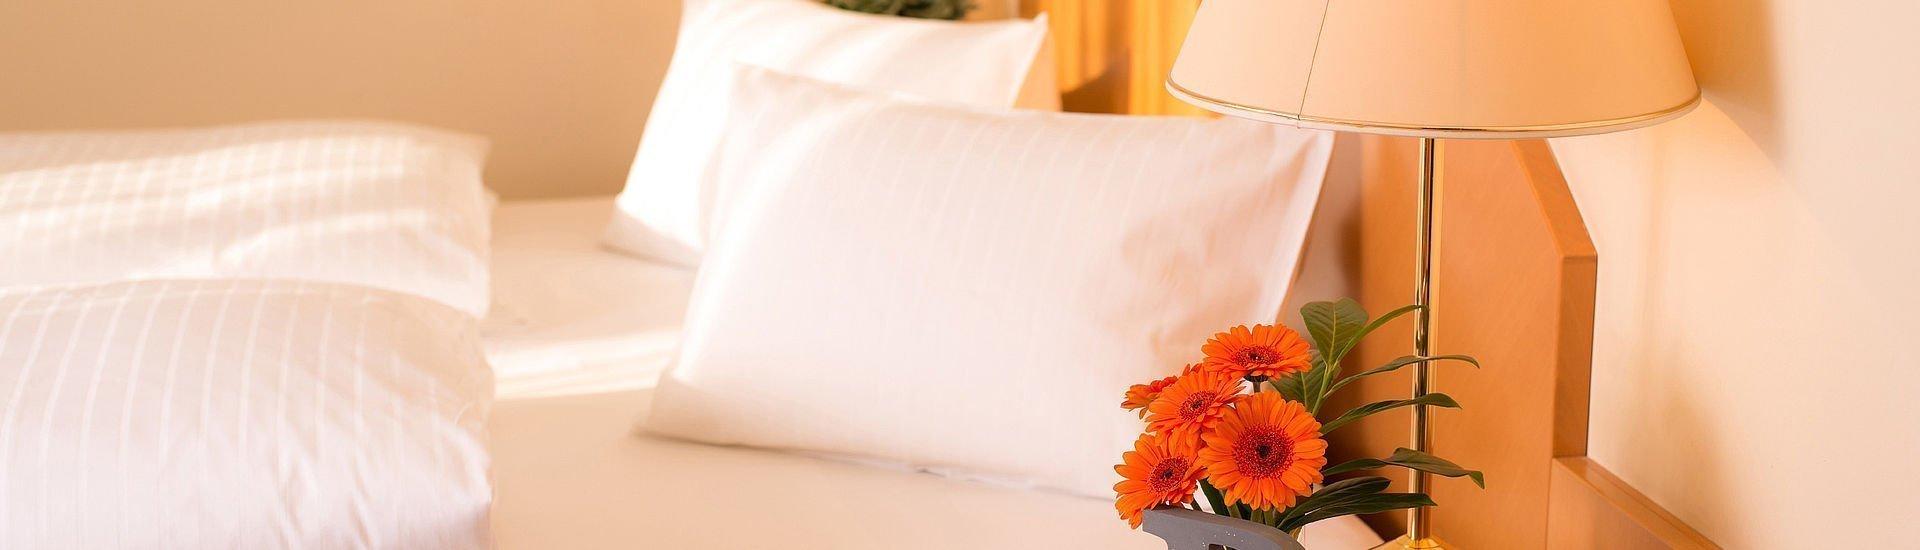 Doppelzimmer mit liebevollen Details im Hotel Stoiser Graz